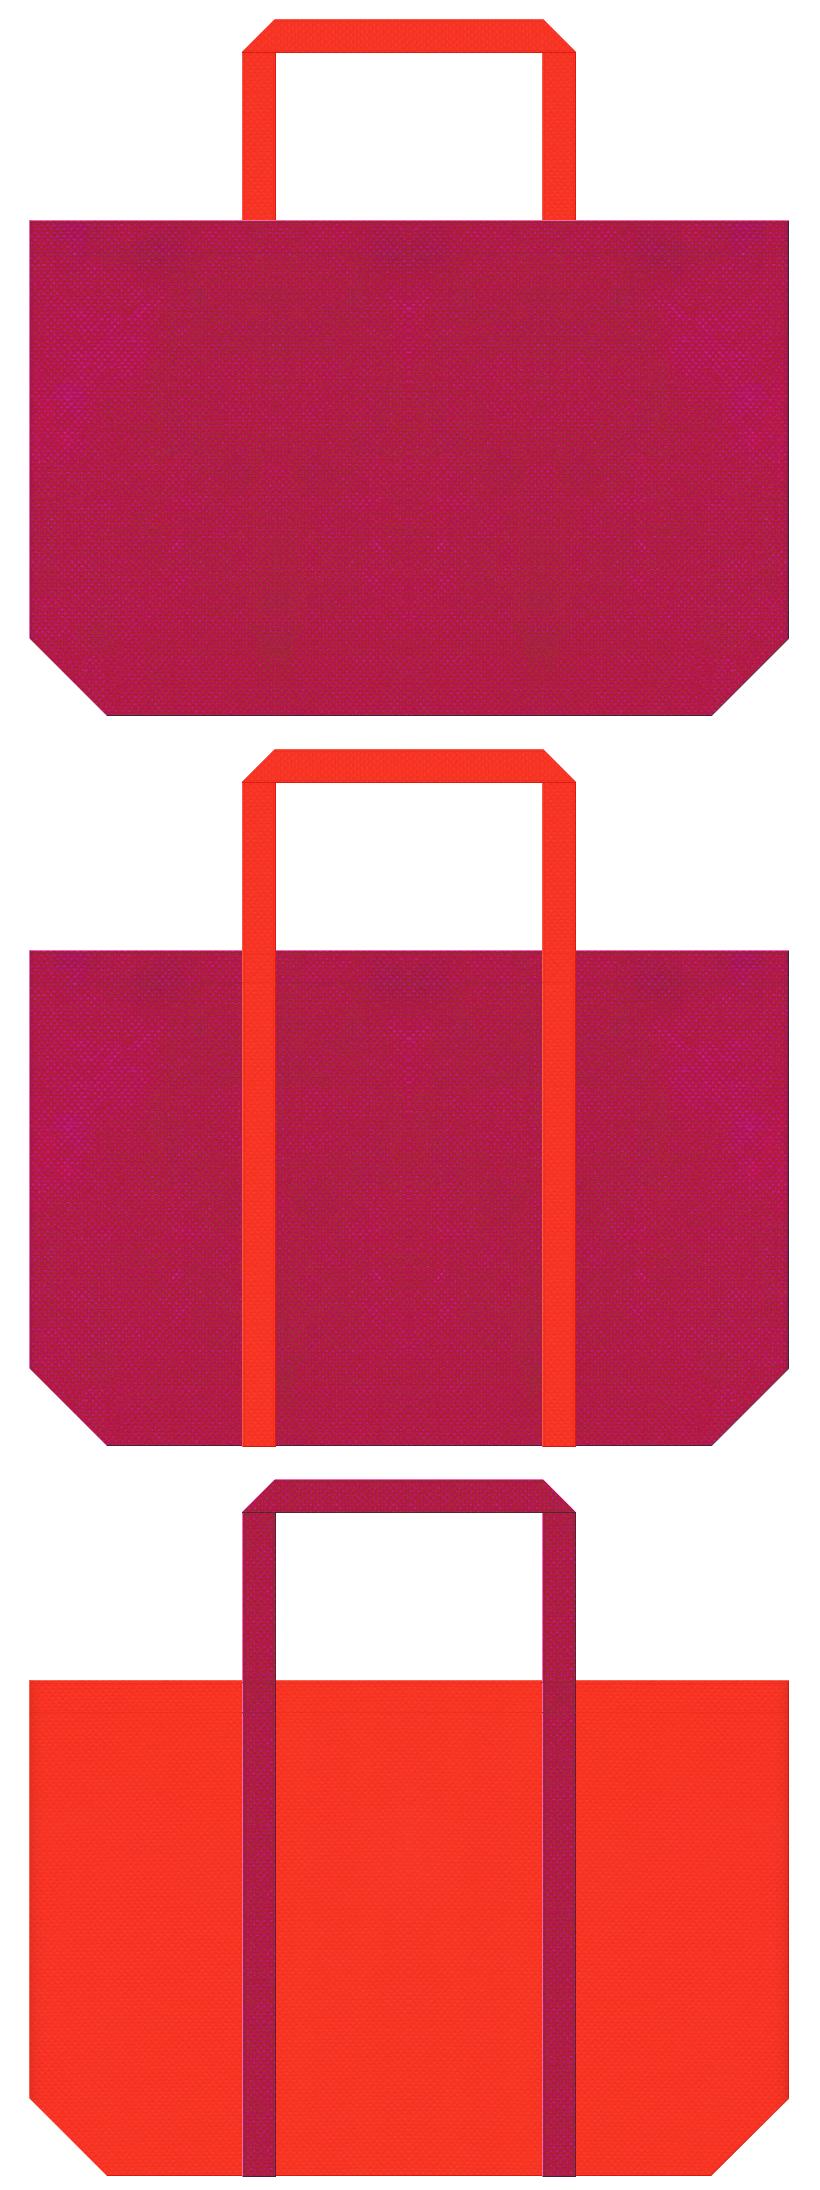 フルーツ・カクテル・トロピカル・南国リゾート・トラベルバッグ・スポーツバッグにお奨めの不織布バッグデザイン:濃いピンク色とオレンジ色のコーデ